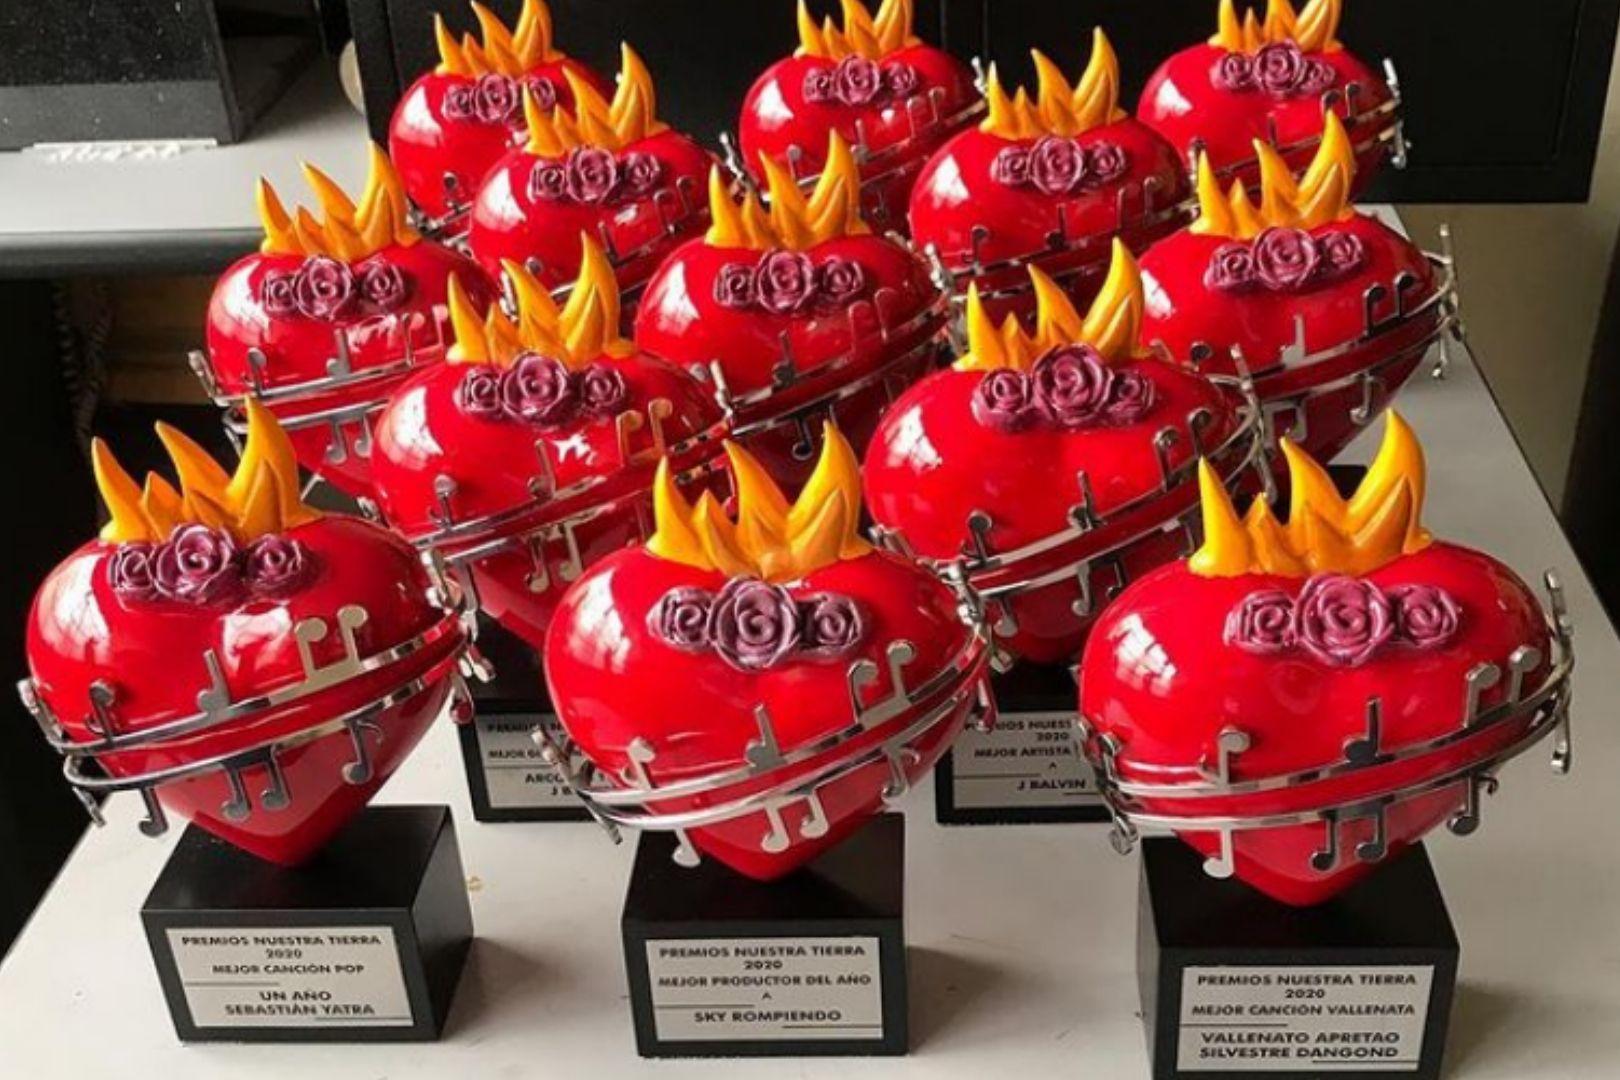 Premios Nuestra Tierra